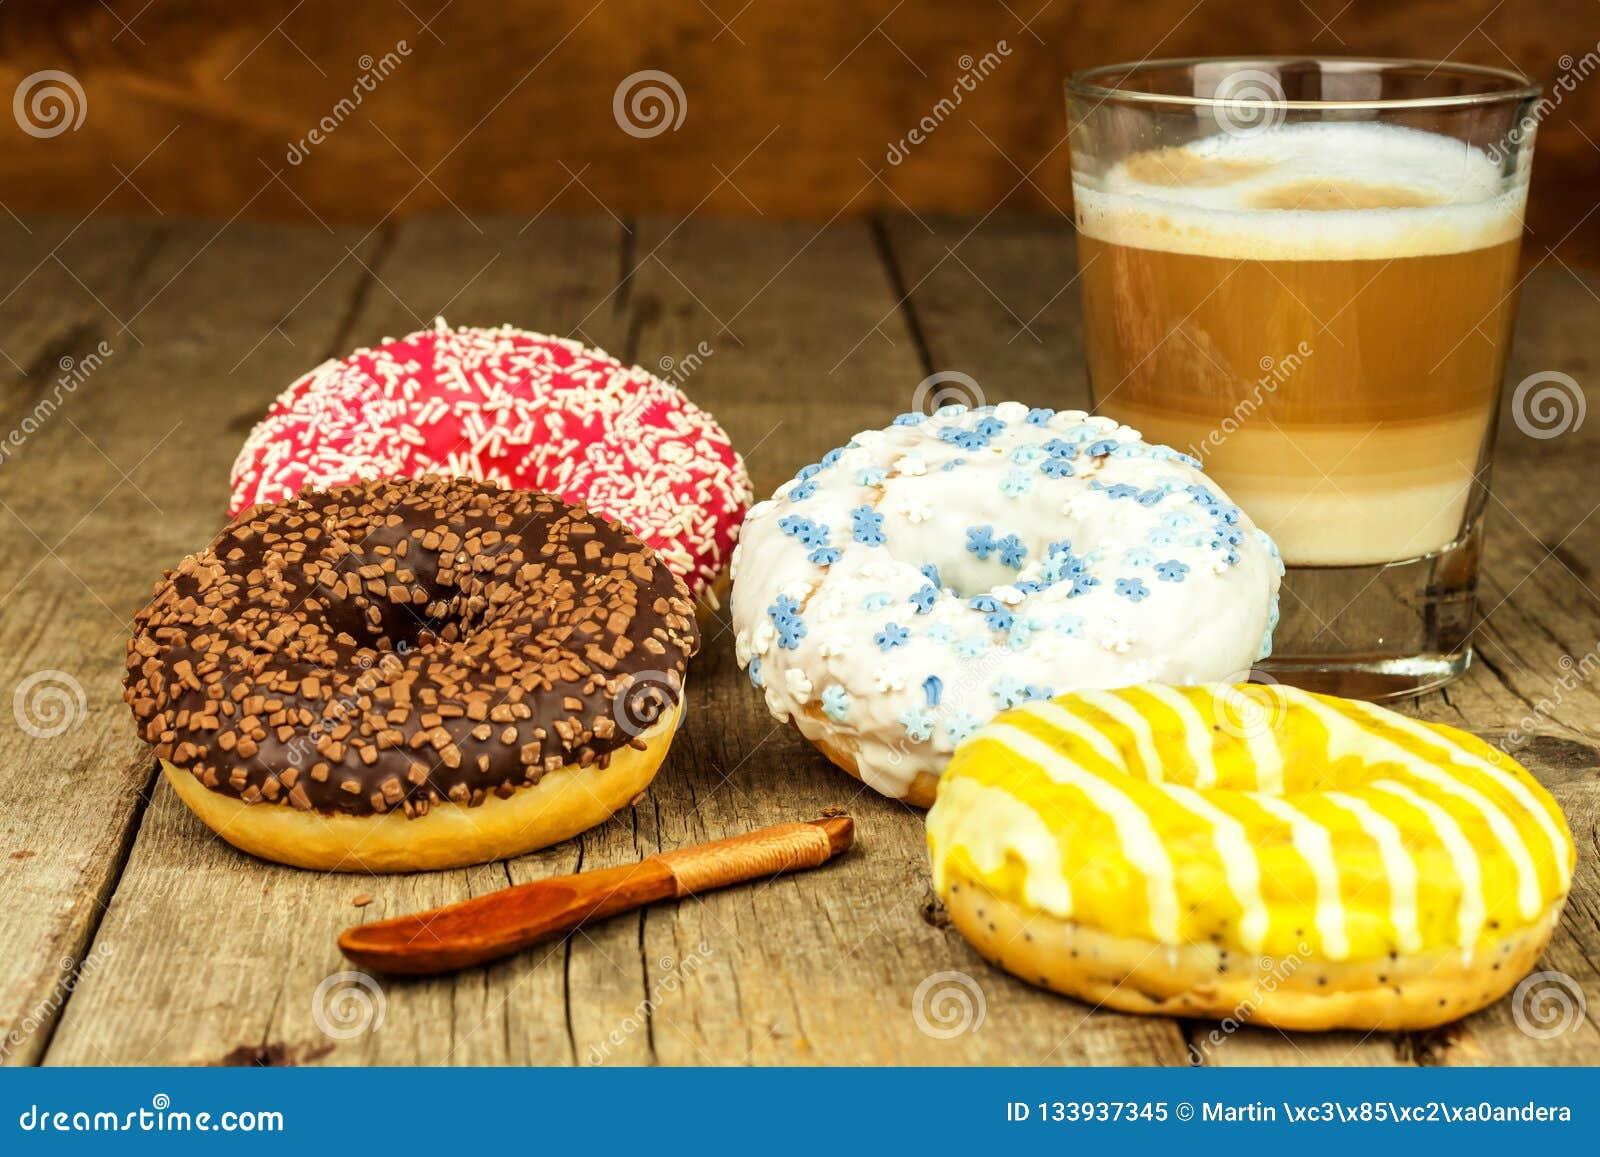 Ongezond Voedsel Donuts op een Houten Lijst Koffie aan dessert Gevaren van zwaarlijvigheid en diabetes Verkoop van snoepjes Donut